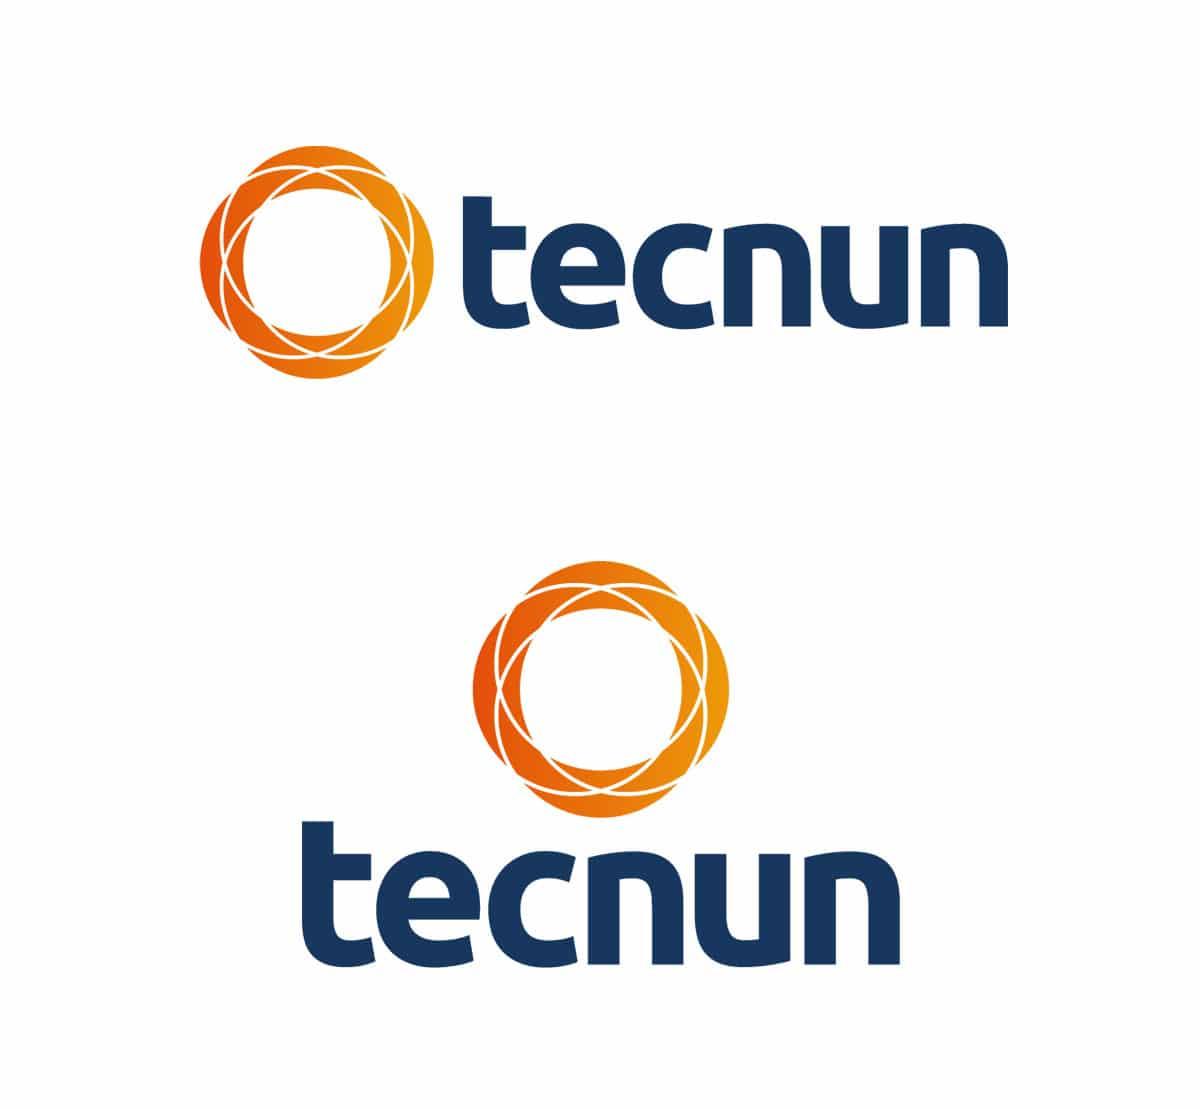 Logotipo Tecnun desenvolvido pelo Estúdio Rubio